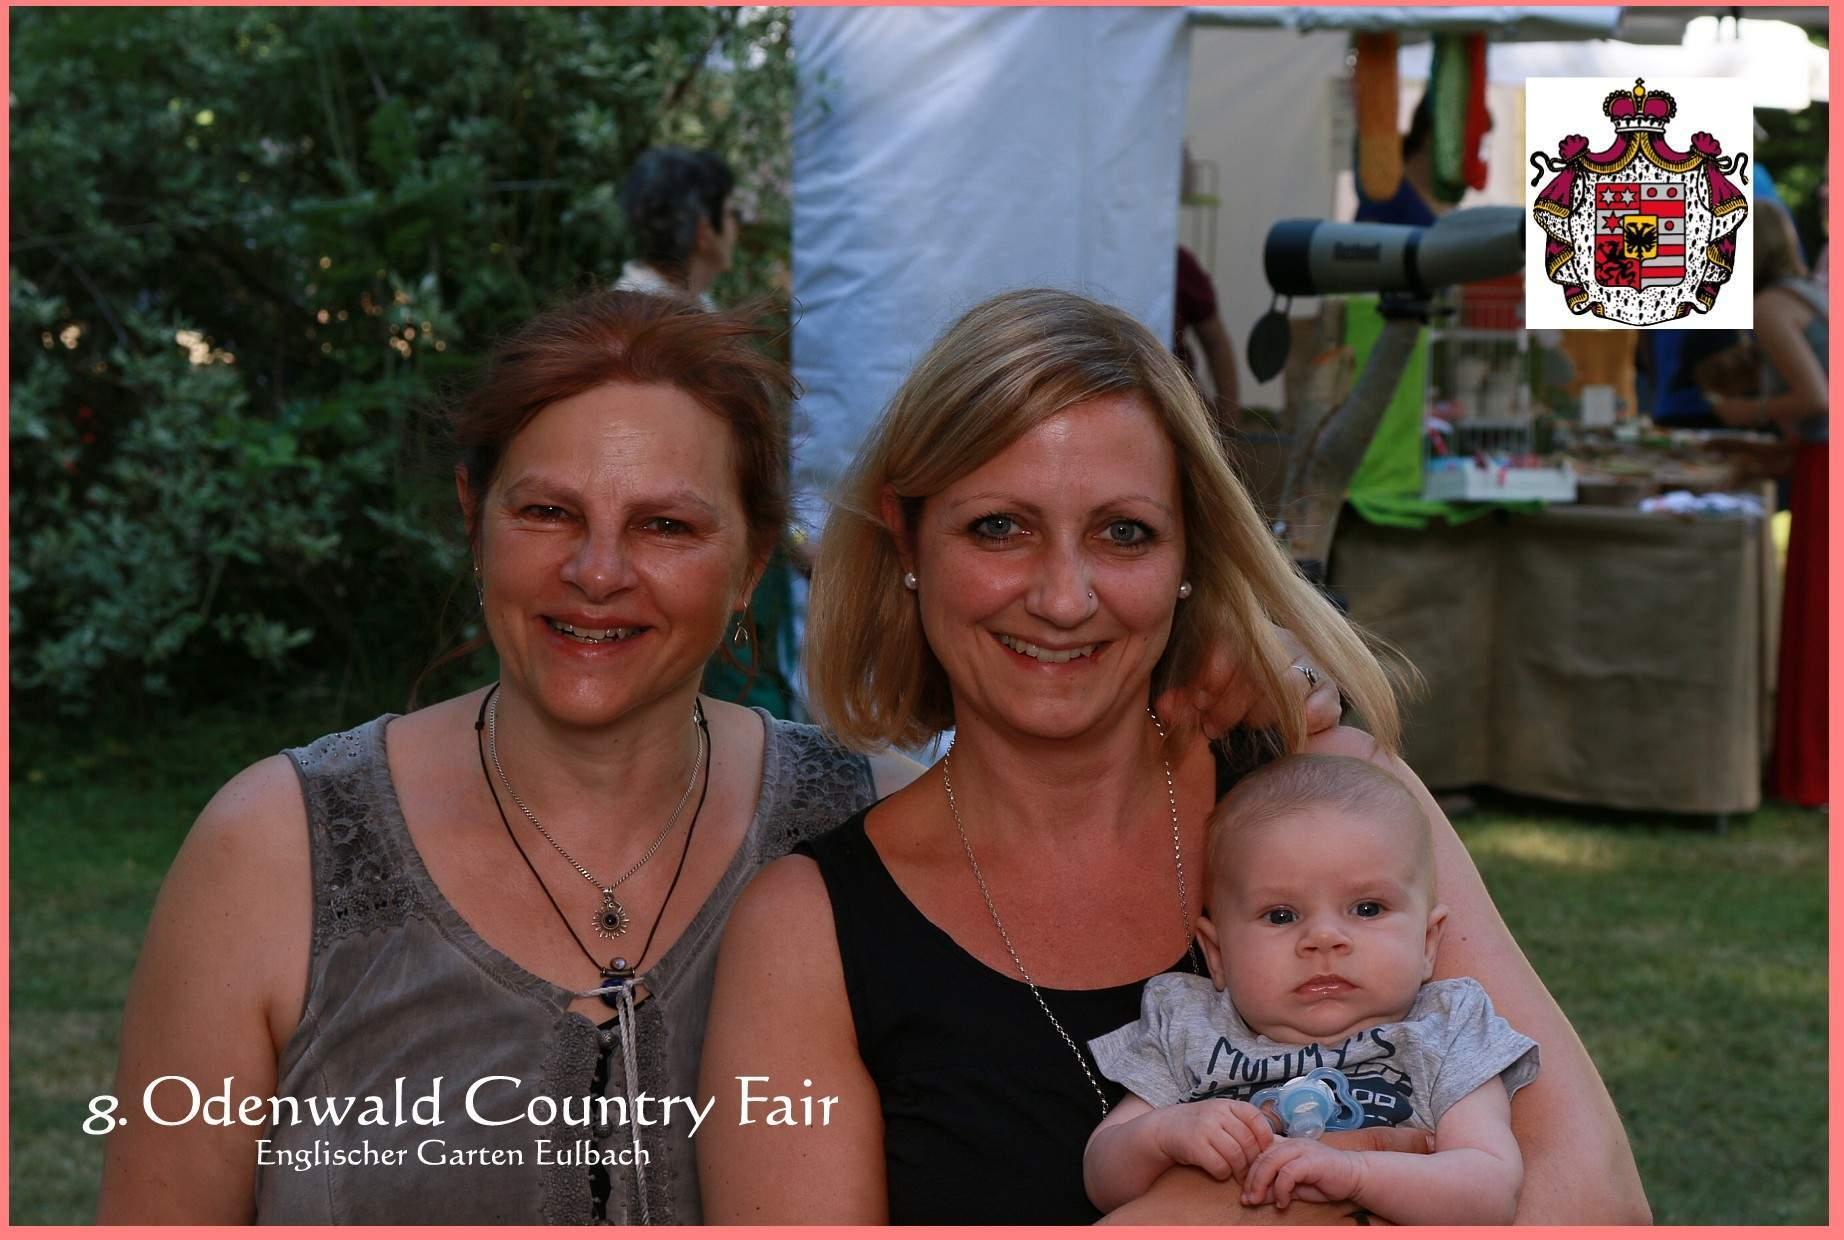 englischer garten eulbach das beste von 11 odenwald country fair vom 11 bis 14 juni 2020 of englischer garten eulbach